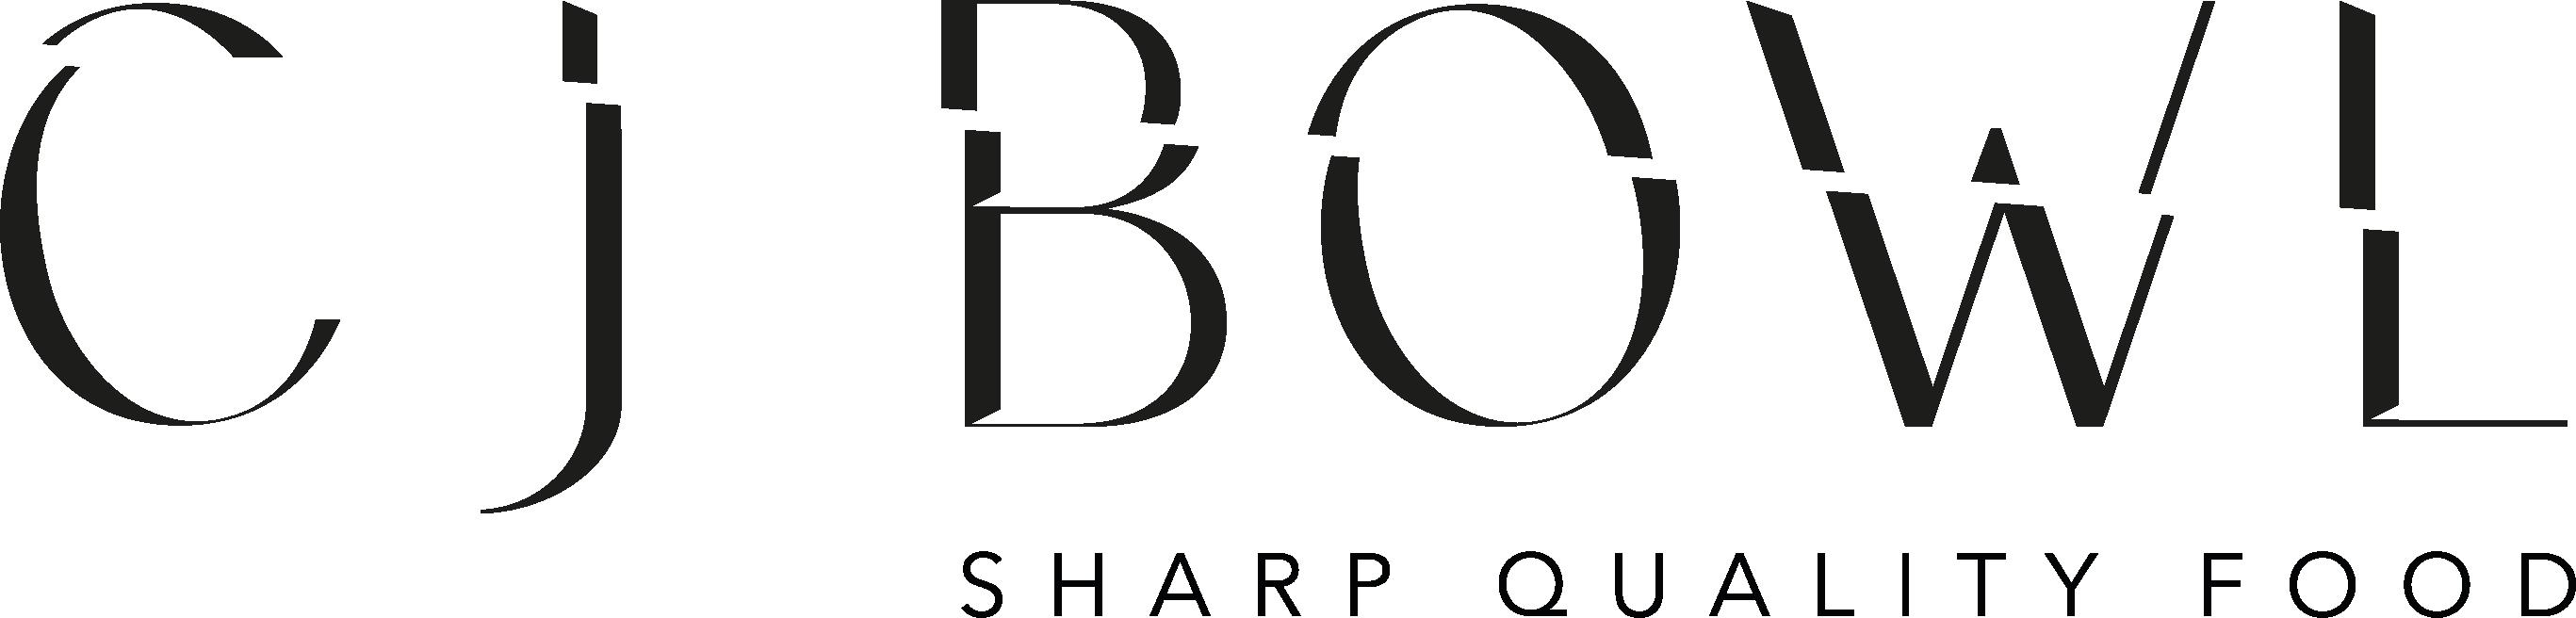 LOGO-BOWL+BASELINE-BLACK